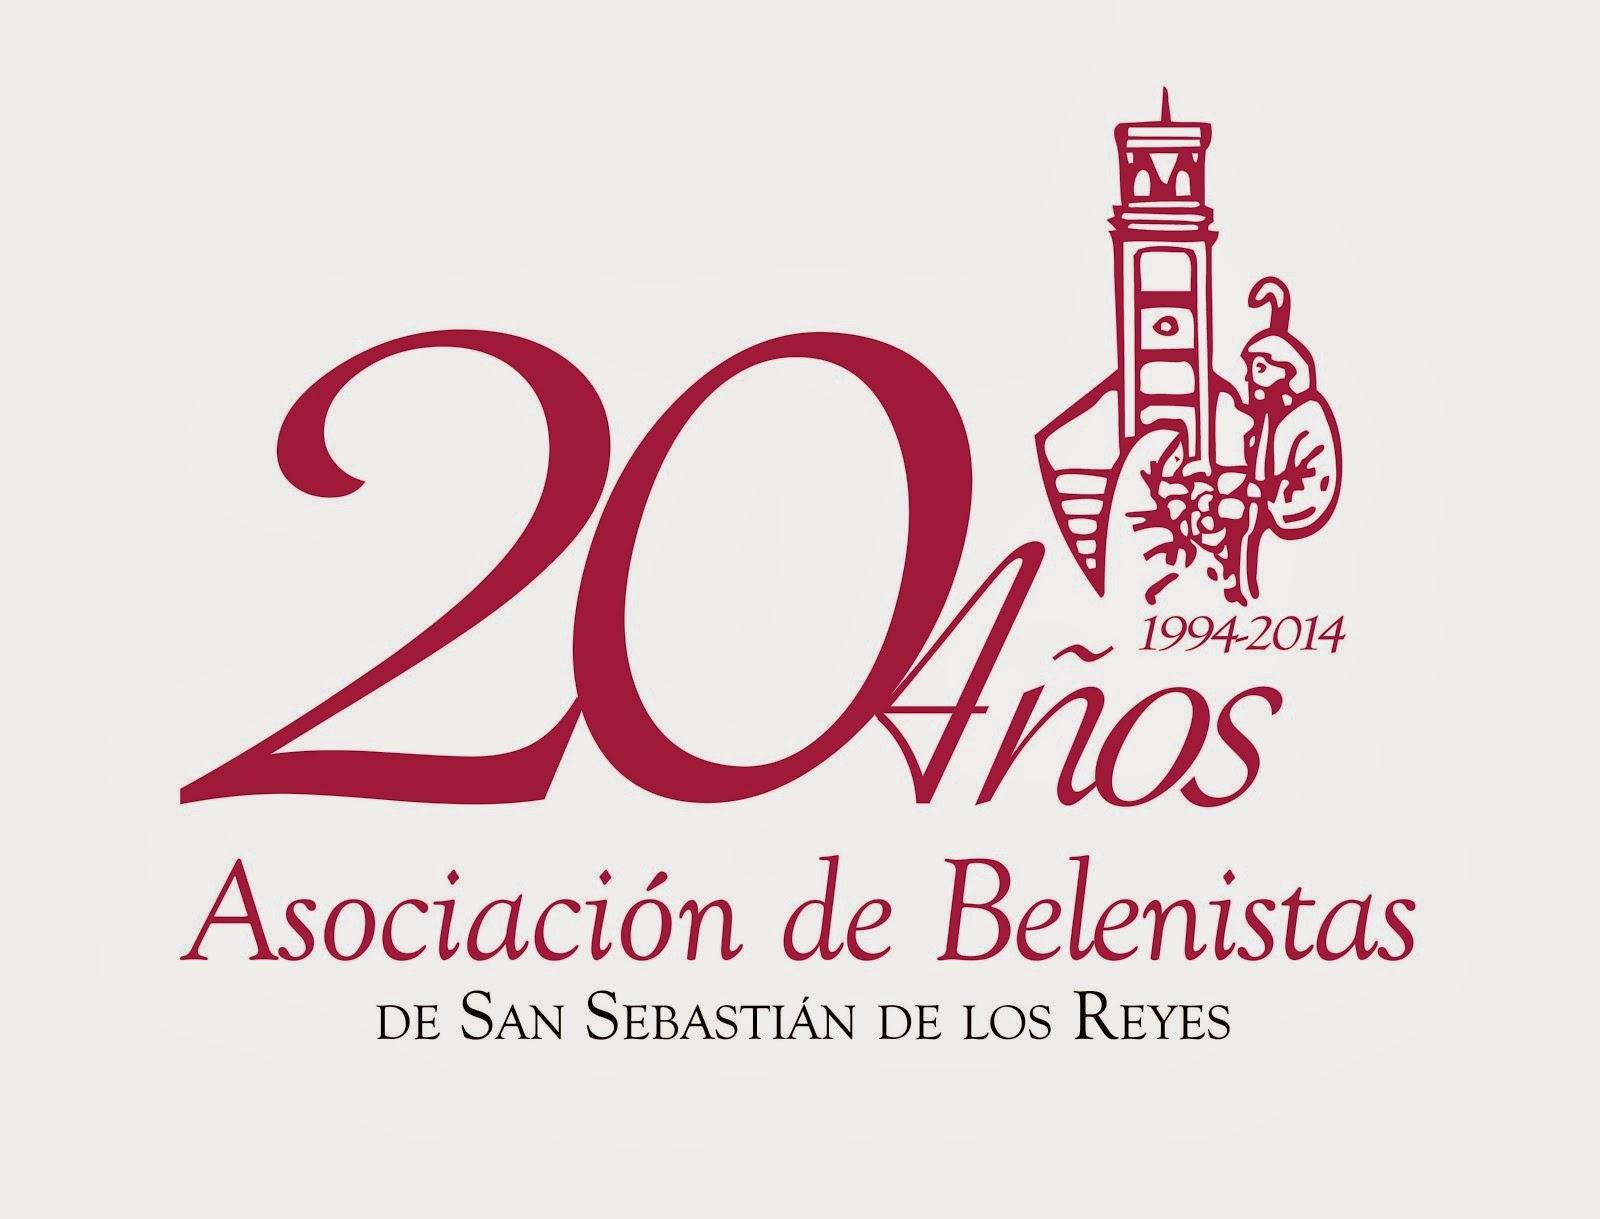 BELENISTAS DE SANSE